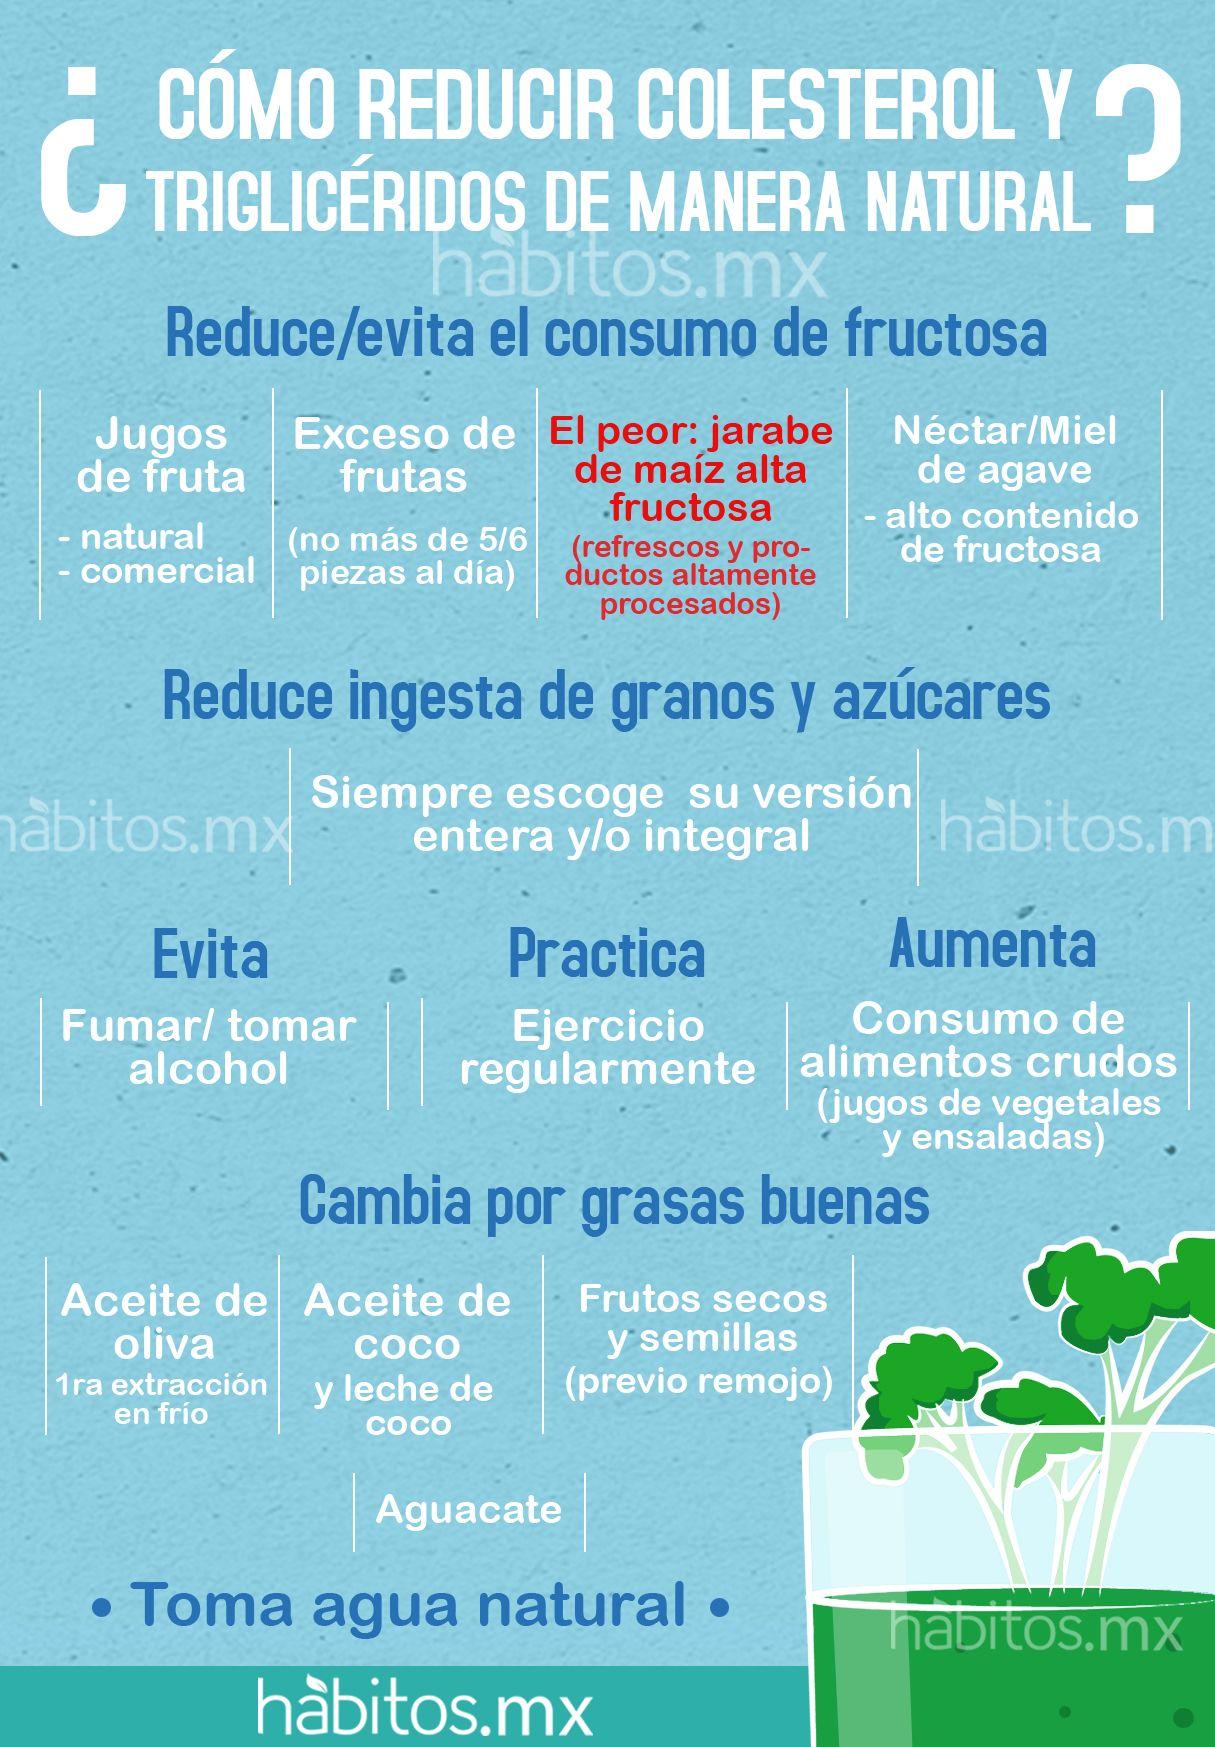 Dieta para bajar colesterol y trigliceridos